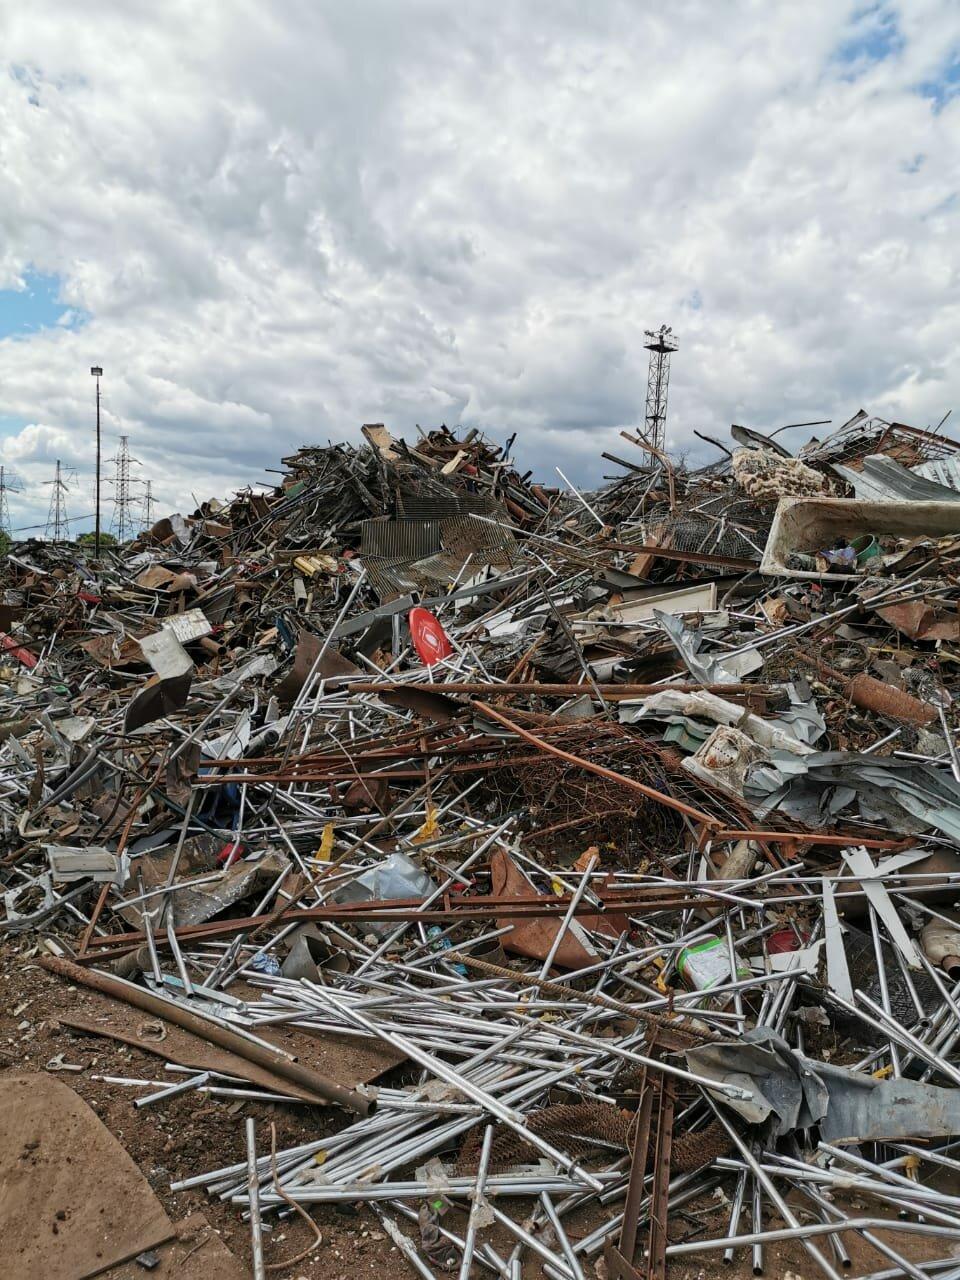 24 сдать часа металлолом в москве няни в час москва стоимость